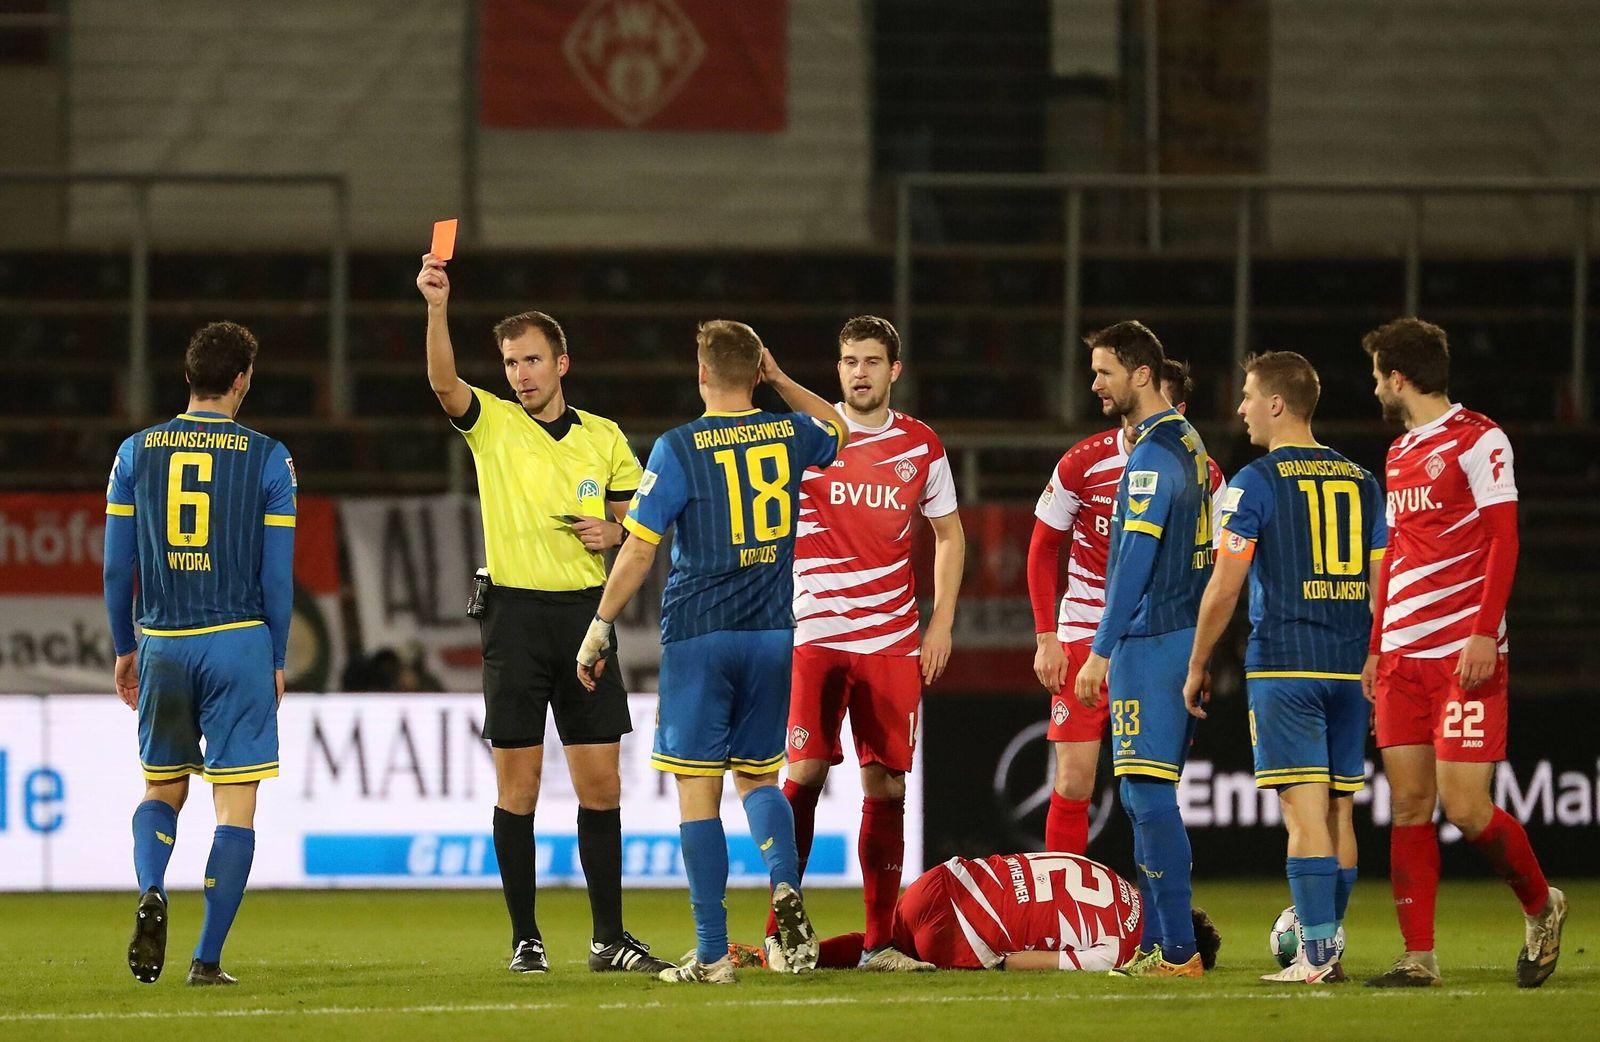 v.li.: Dominik Wydra (Eintracht Braunschweig) bekommt von Schiedsrichter Florian Heft die gelb-rote Karte, second yello